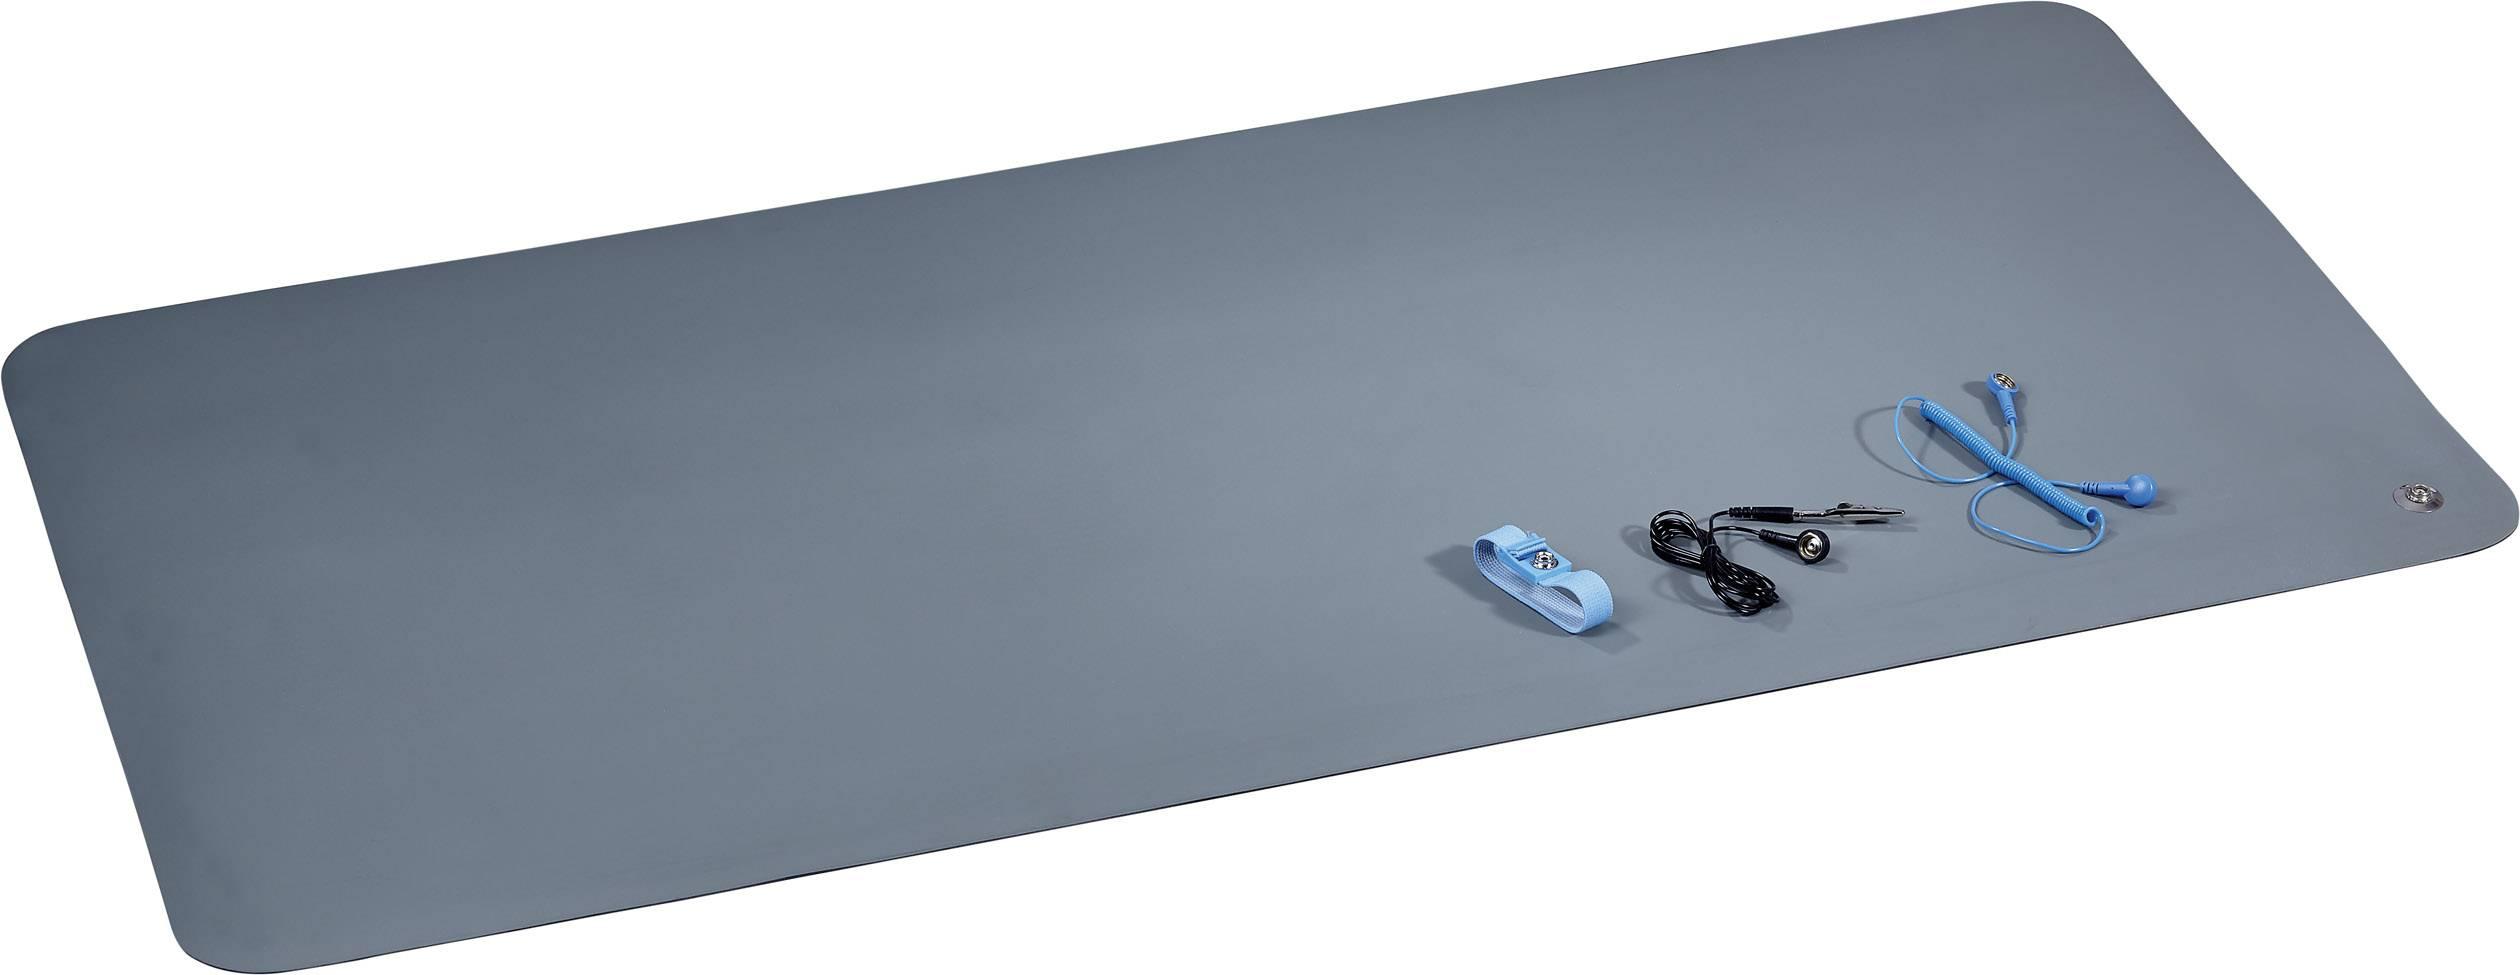 ESD podložky na stolík, sada TRU COMPONENTS 1605860, (d x š) 119 cm x 59 cm, sivozelená, čierna